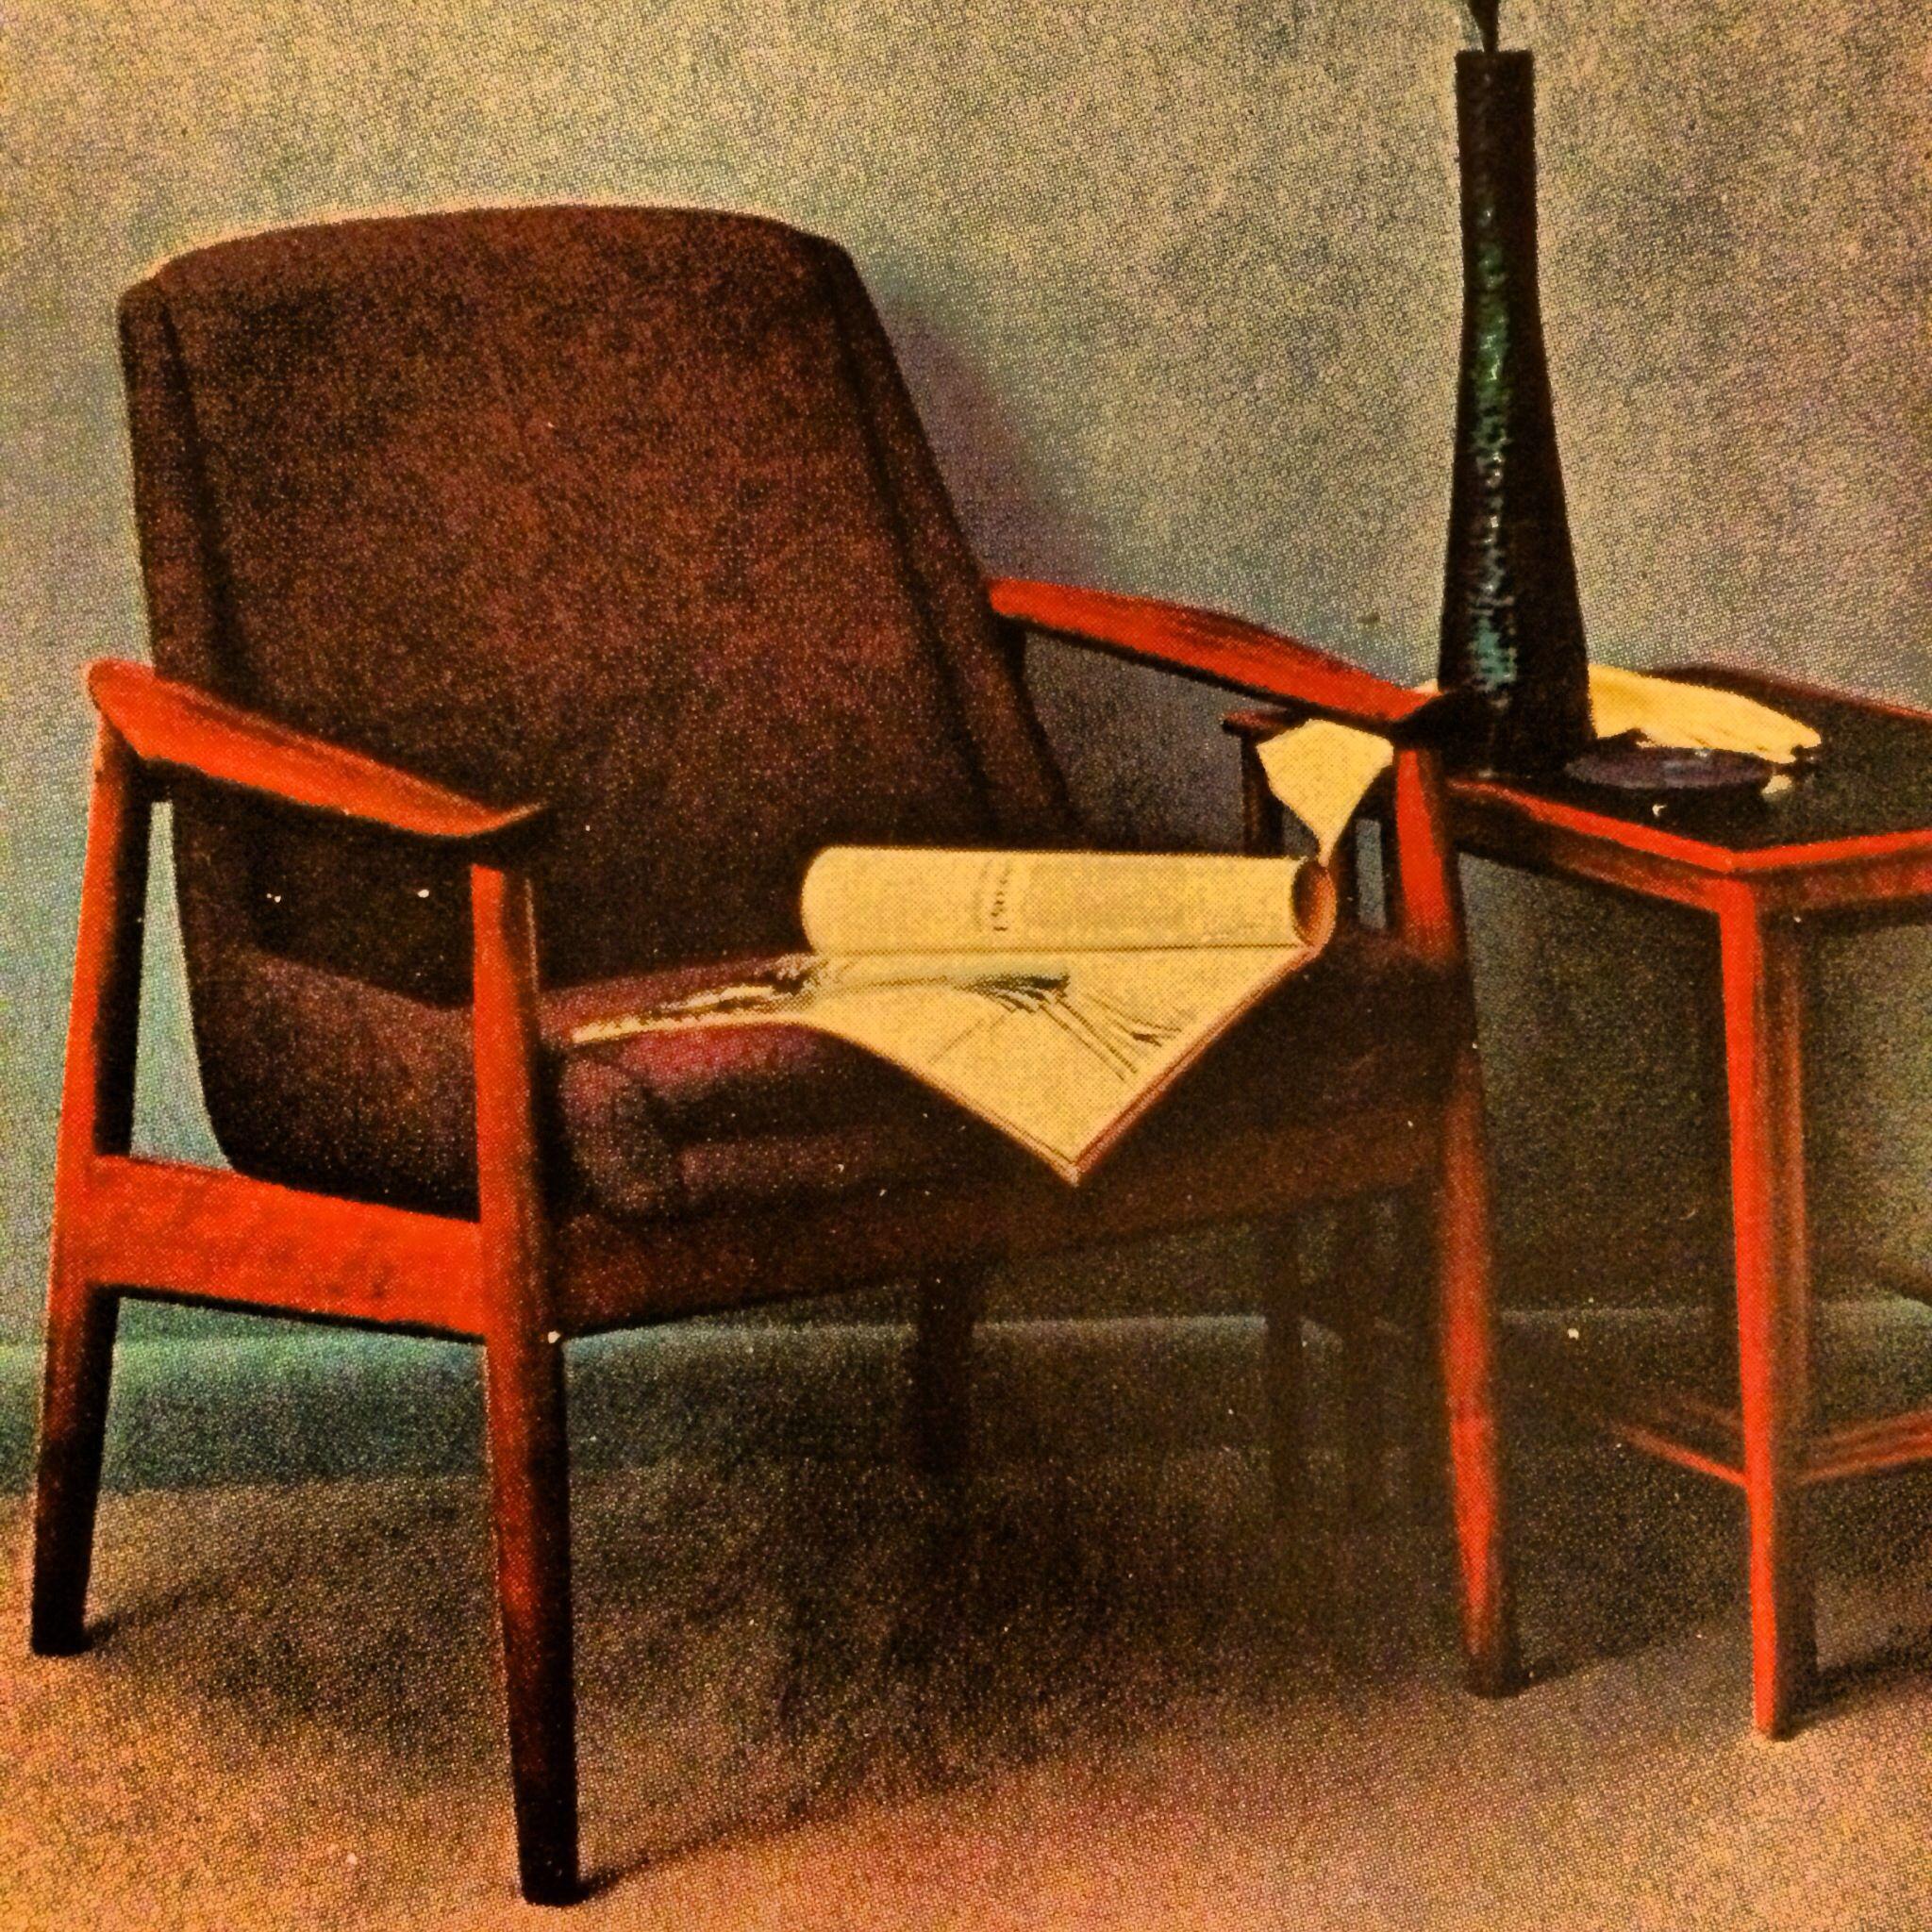 Danish Modern Magazine Ad From 1961.